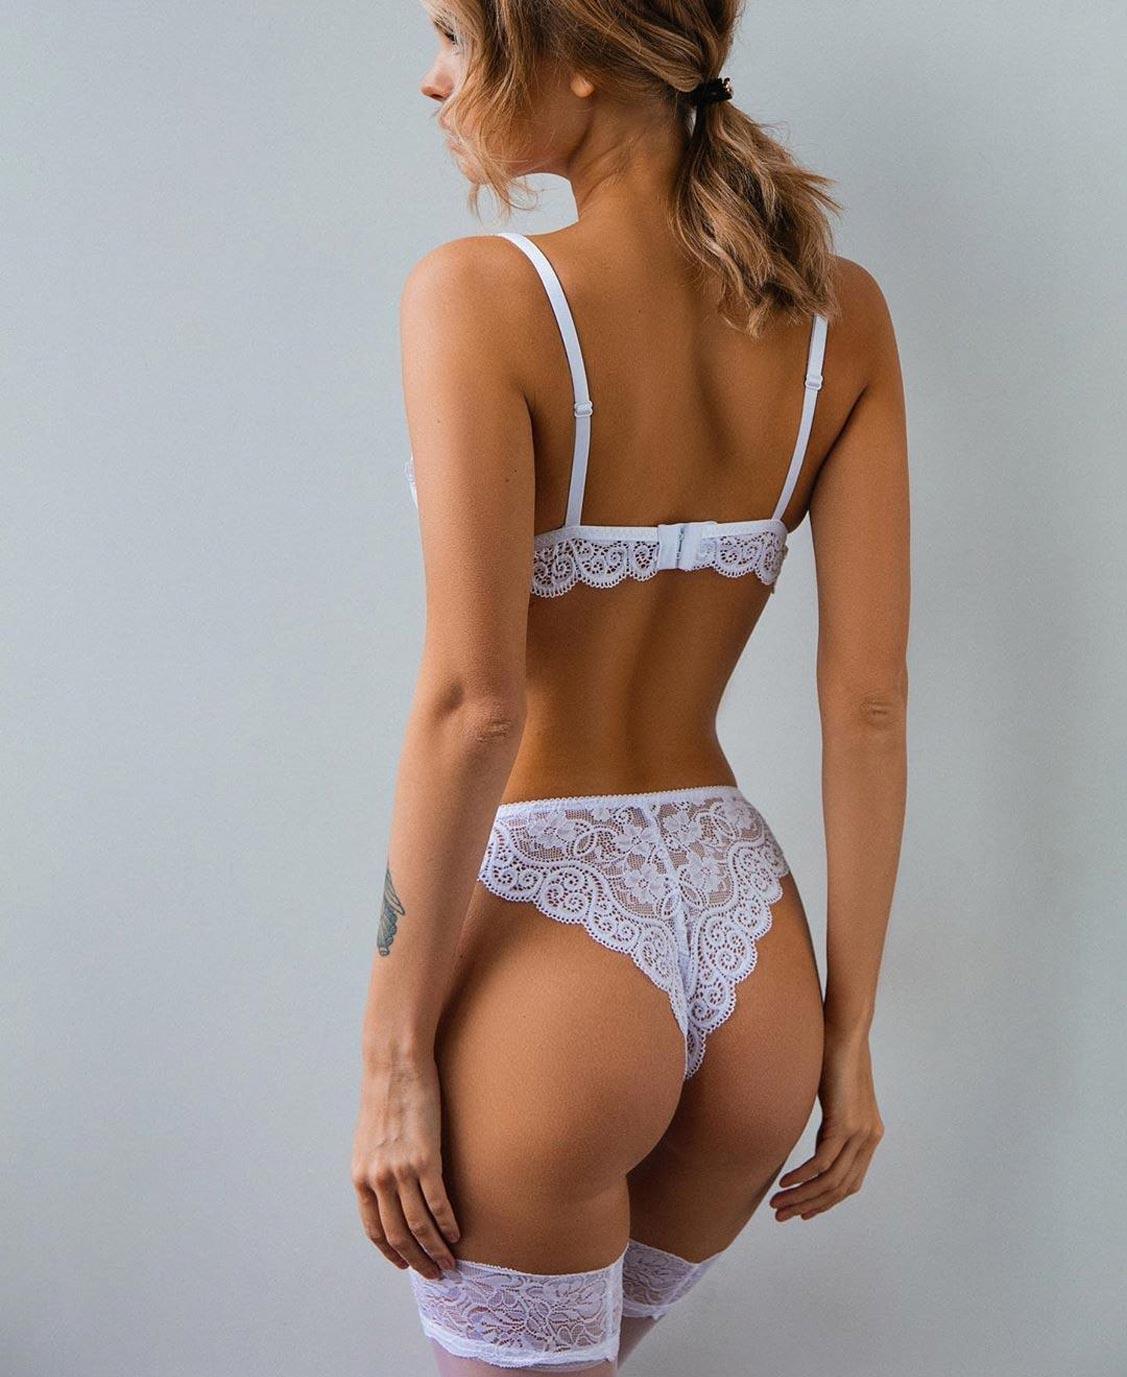 Анастасия Щеглова в нижнем белье торговой марки MissX / фото 36